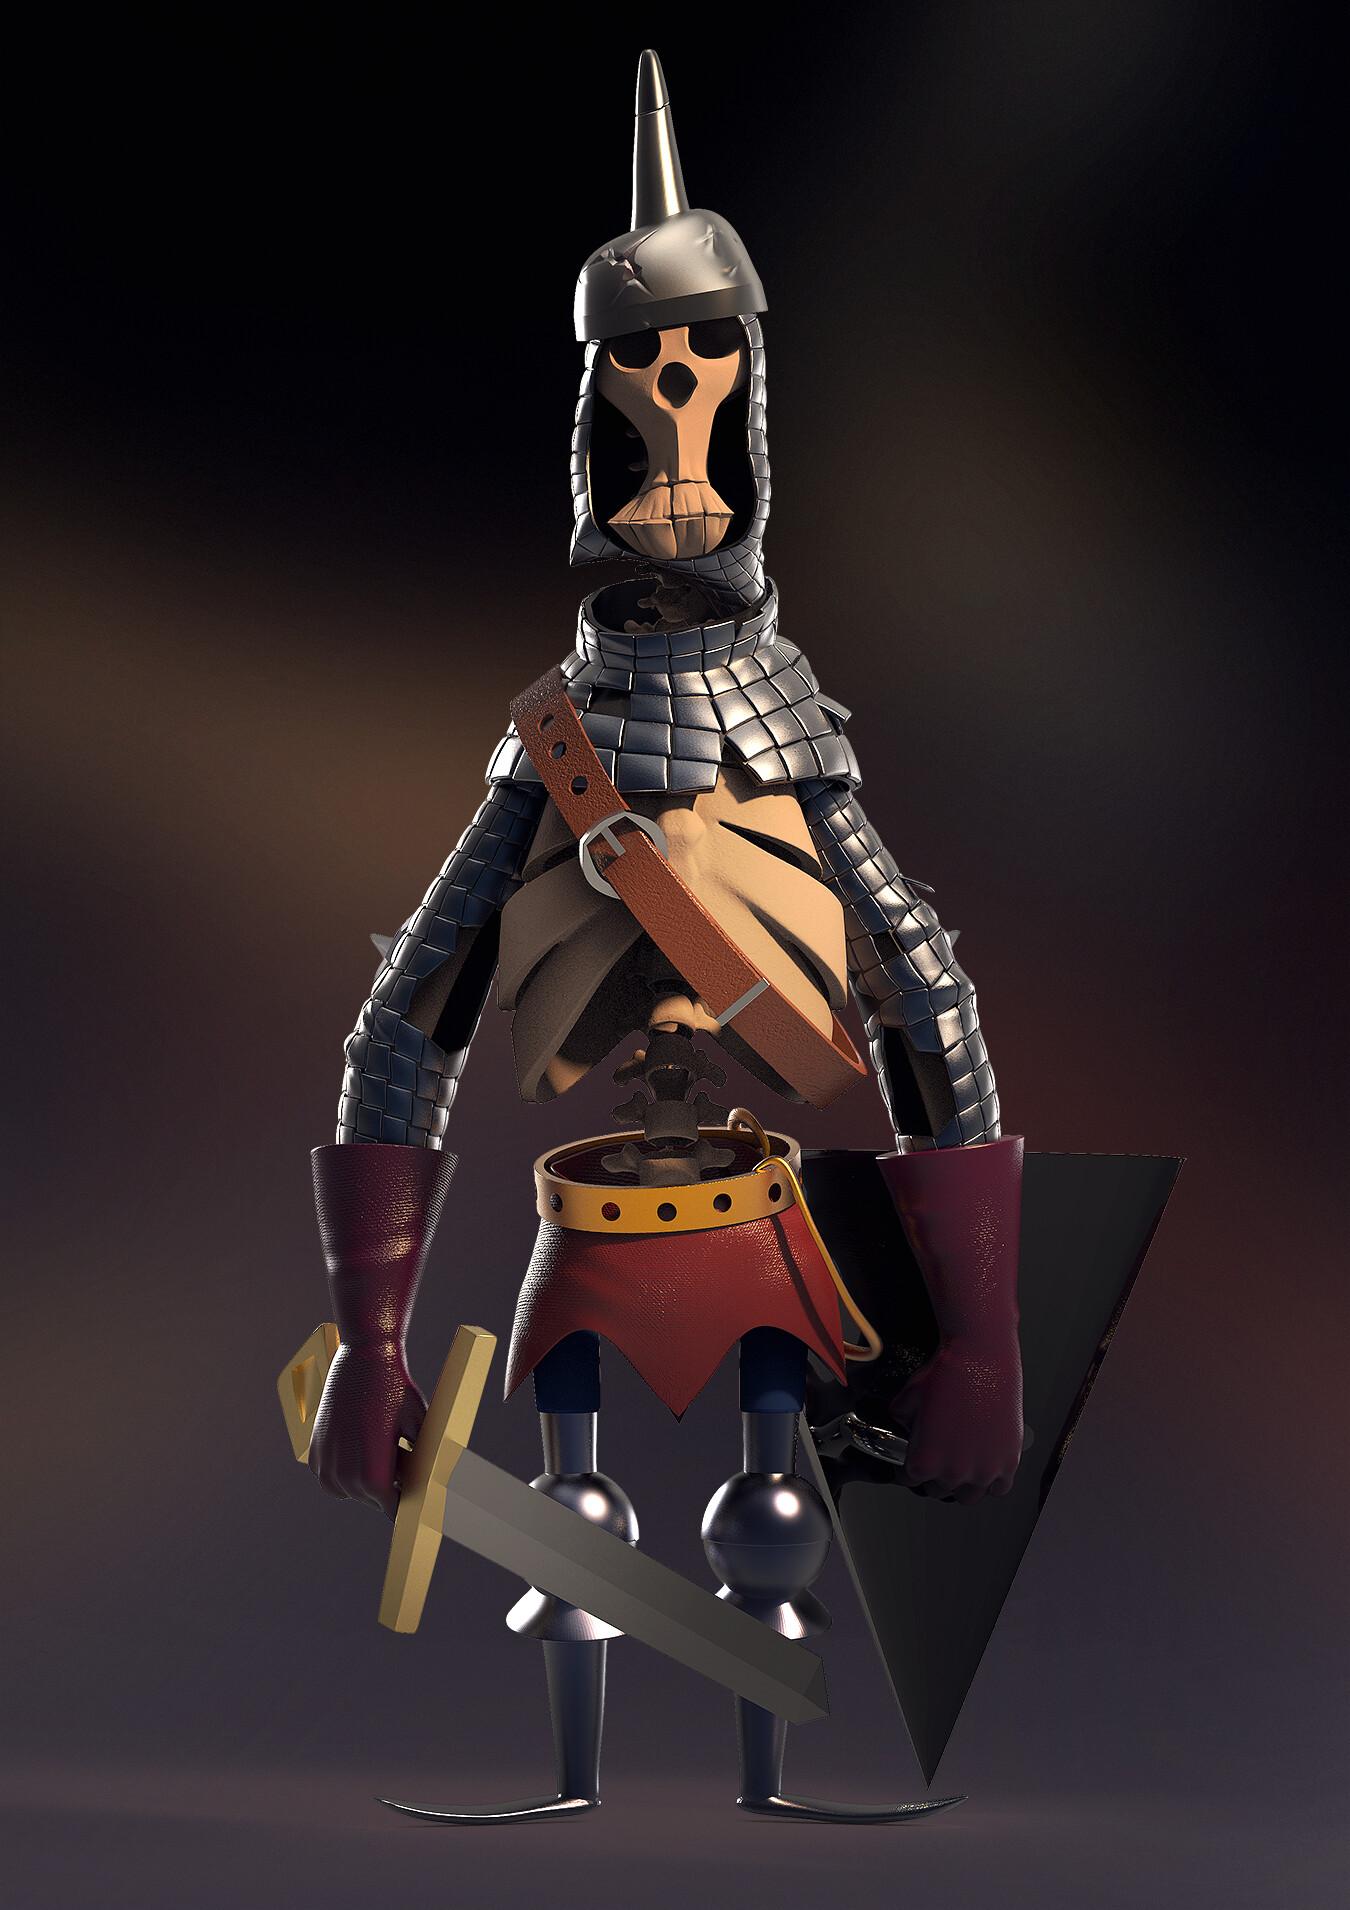 Skeleton original concept: https://www.artstation.com/artwork/8lkZVw